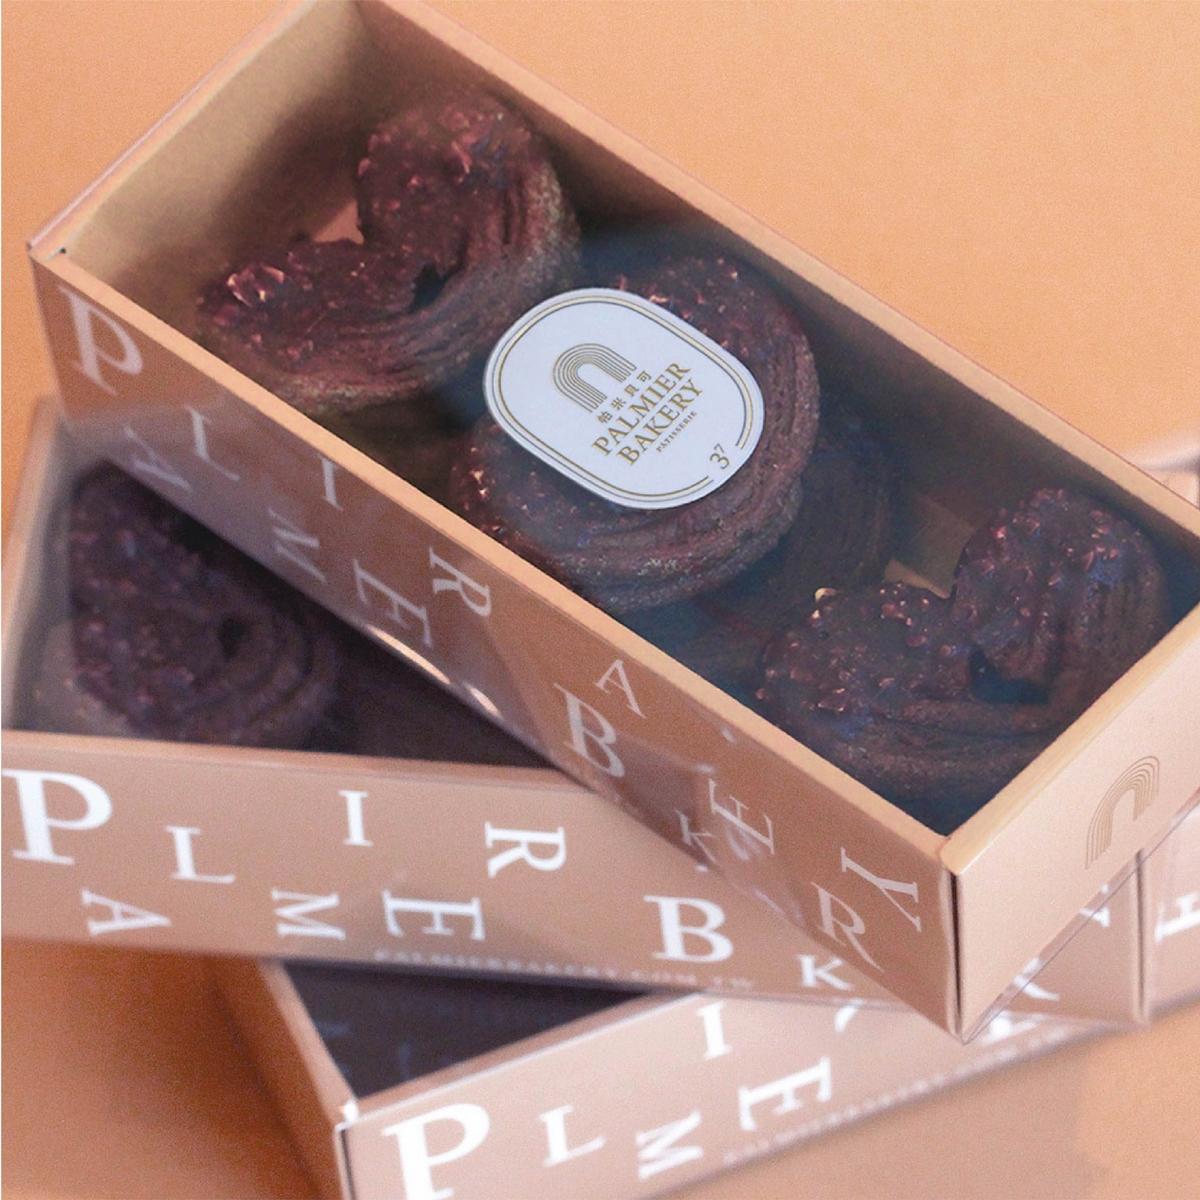 「蝴蝶酥千層專家」帕米貝可推出夏季限量新口味! 可可x榛果冰心千層巧酥冷藏口感升級超幸福!